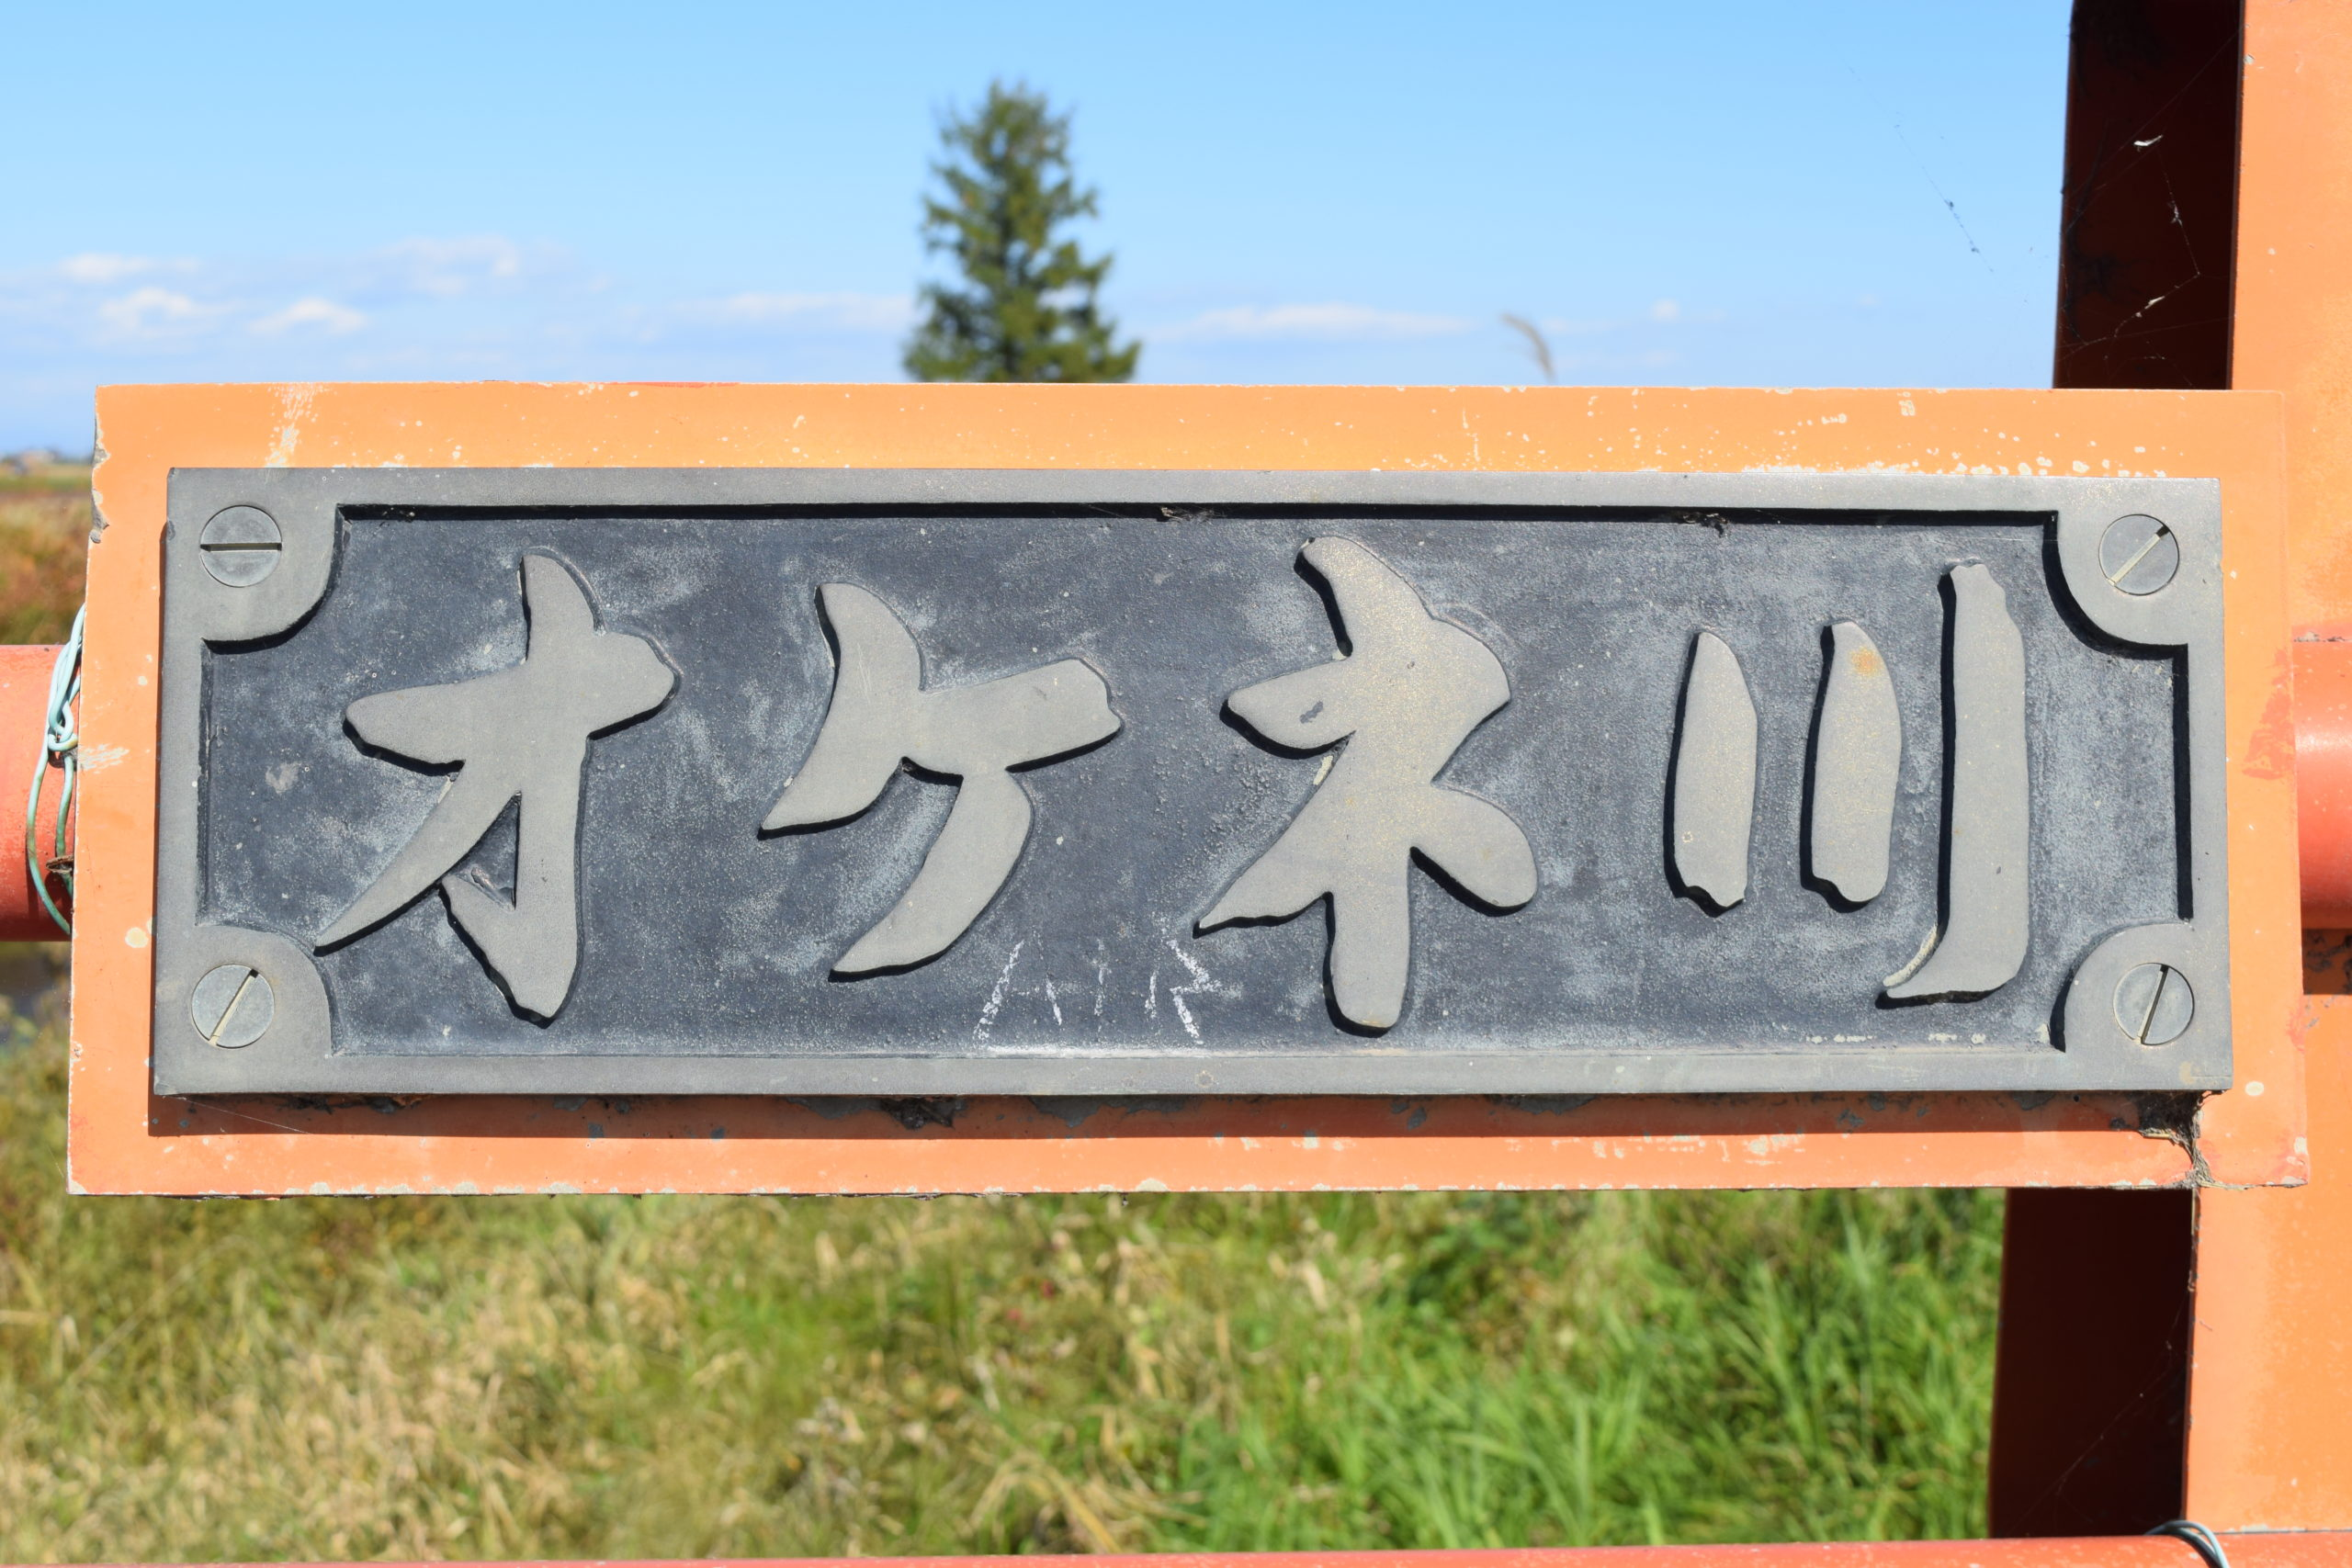 オケネ川(十勝川水系)の河川ライブカメラ一覧